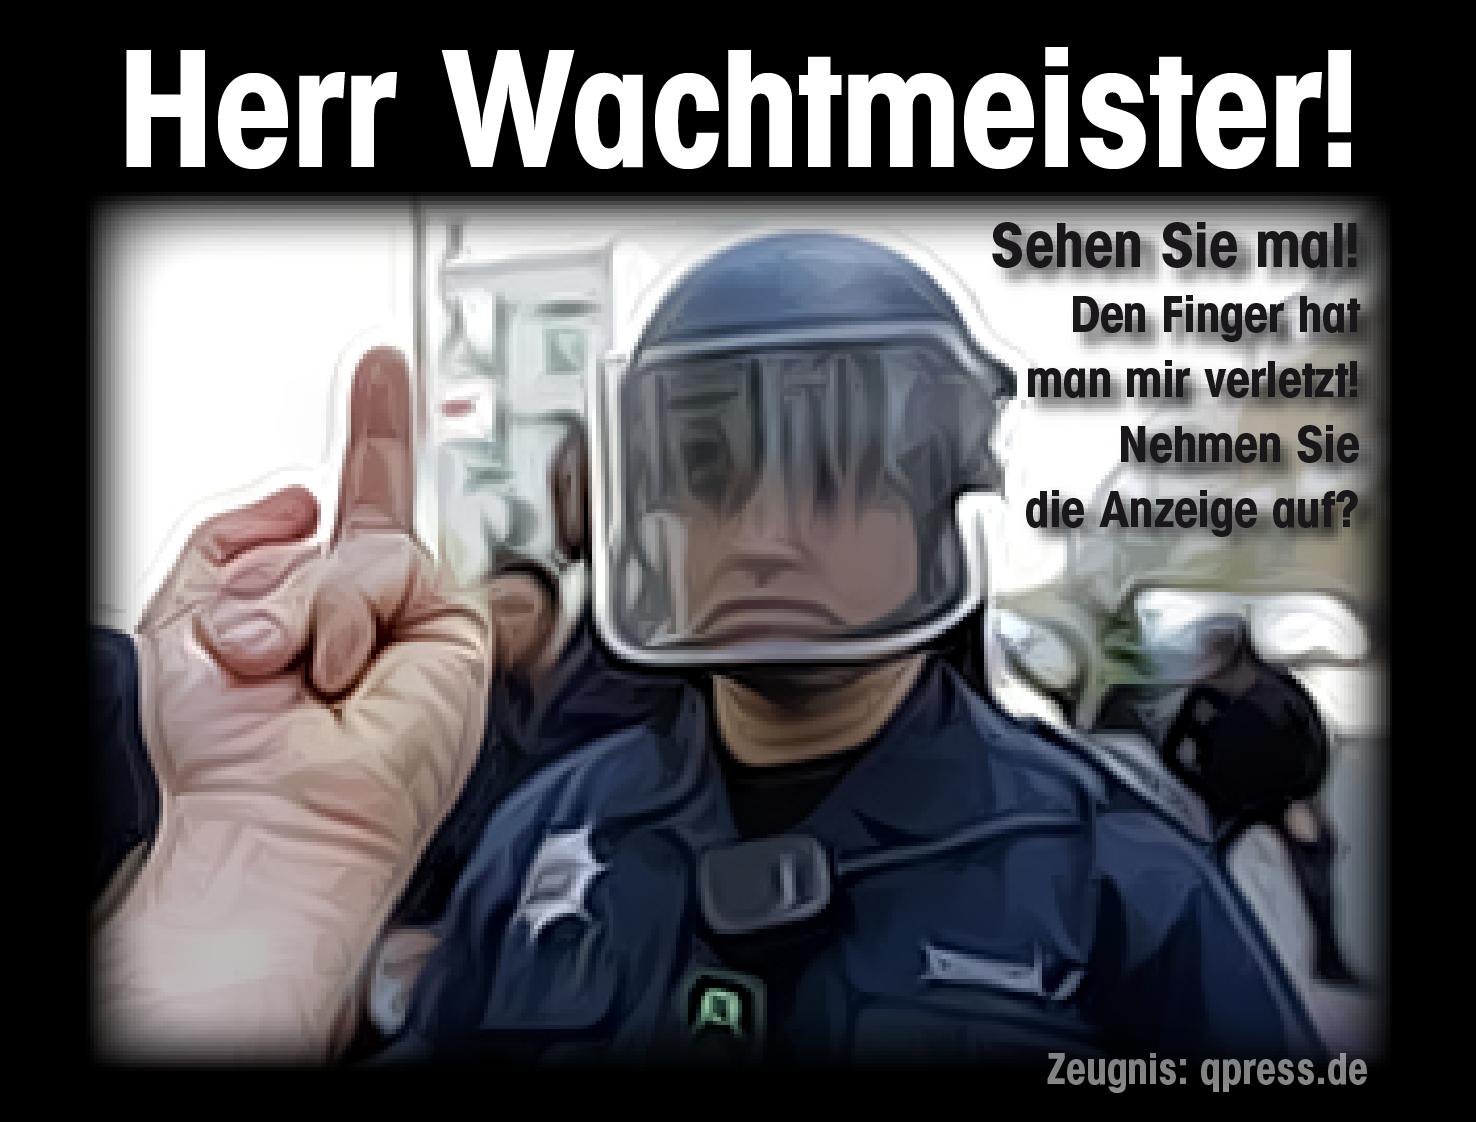 Wachtmeister Anzeige aufnehmen-polizei widerstadn ungehorsam protest qpress